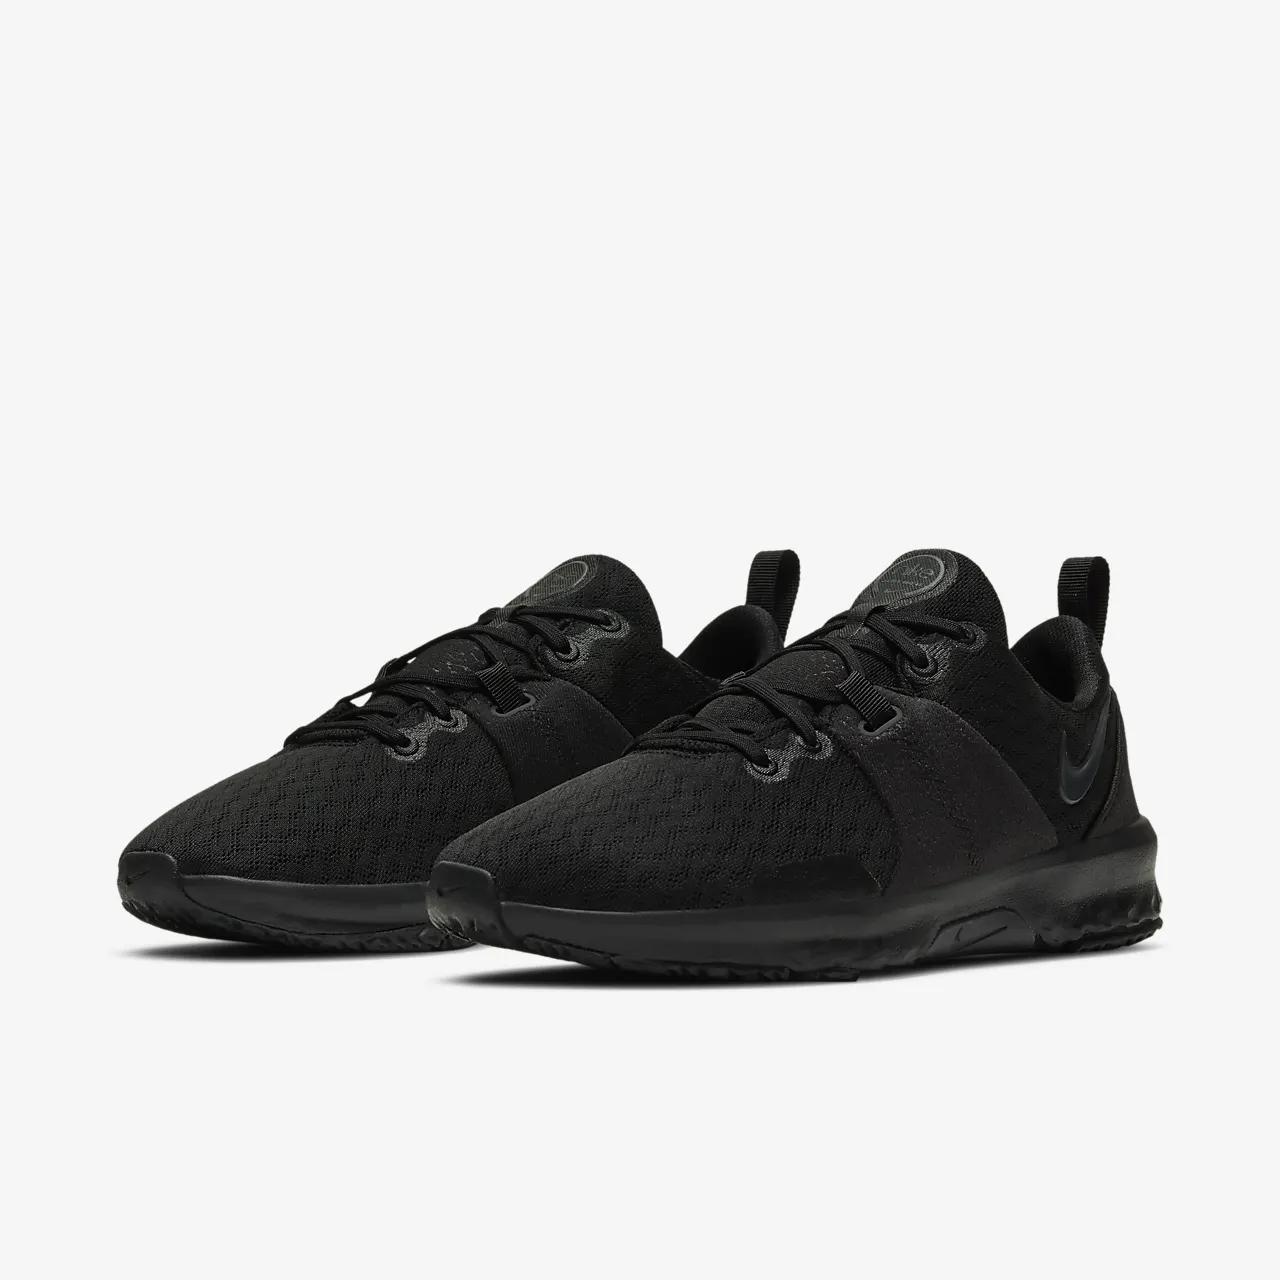 유럽직배송 나이키 NIKE Nike City Trainer 3 Women's Training Shoe CK2585-004